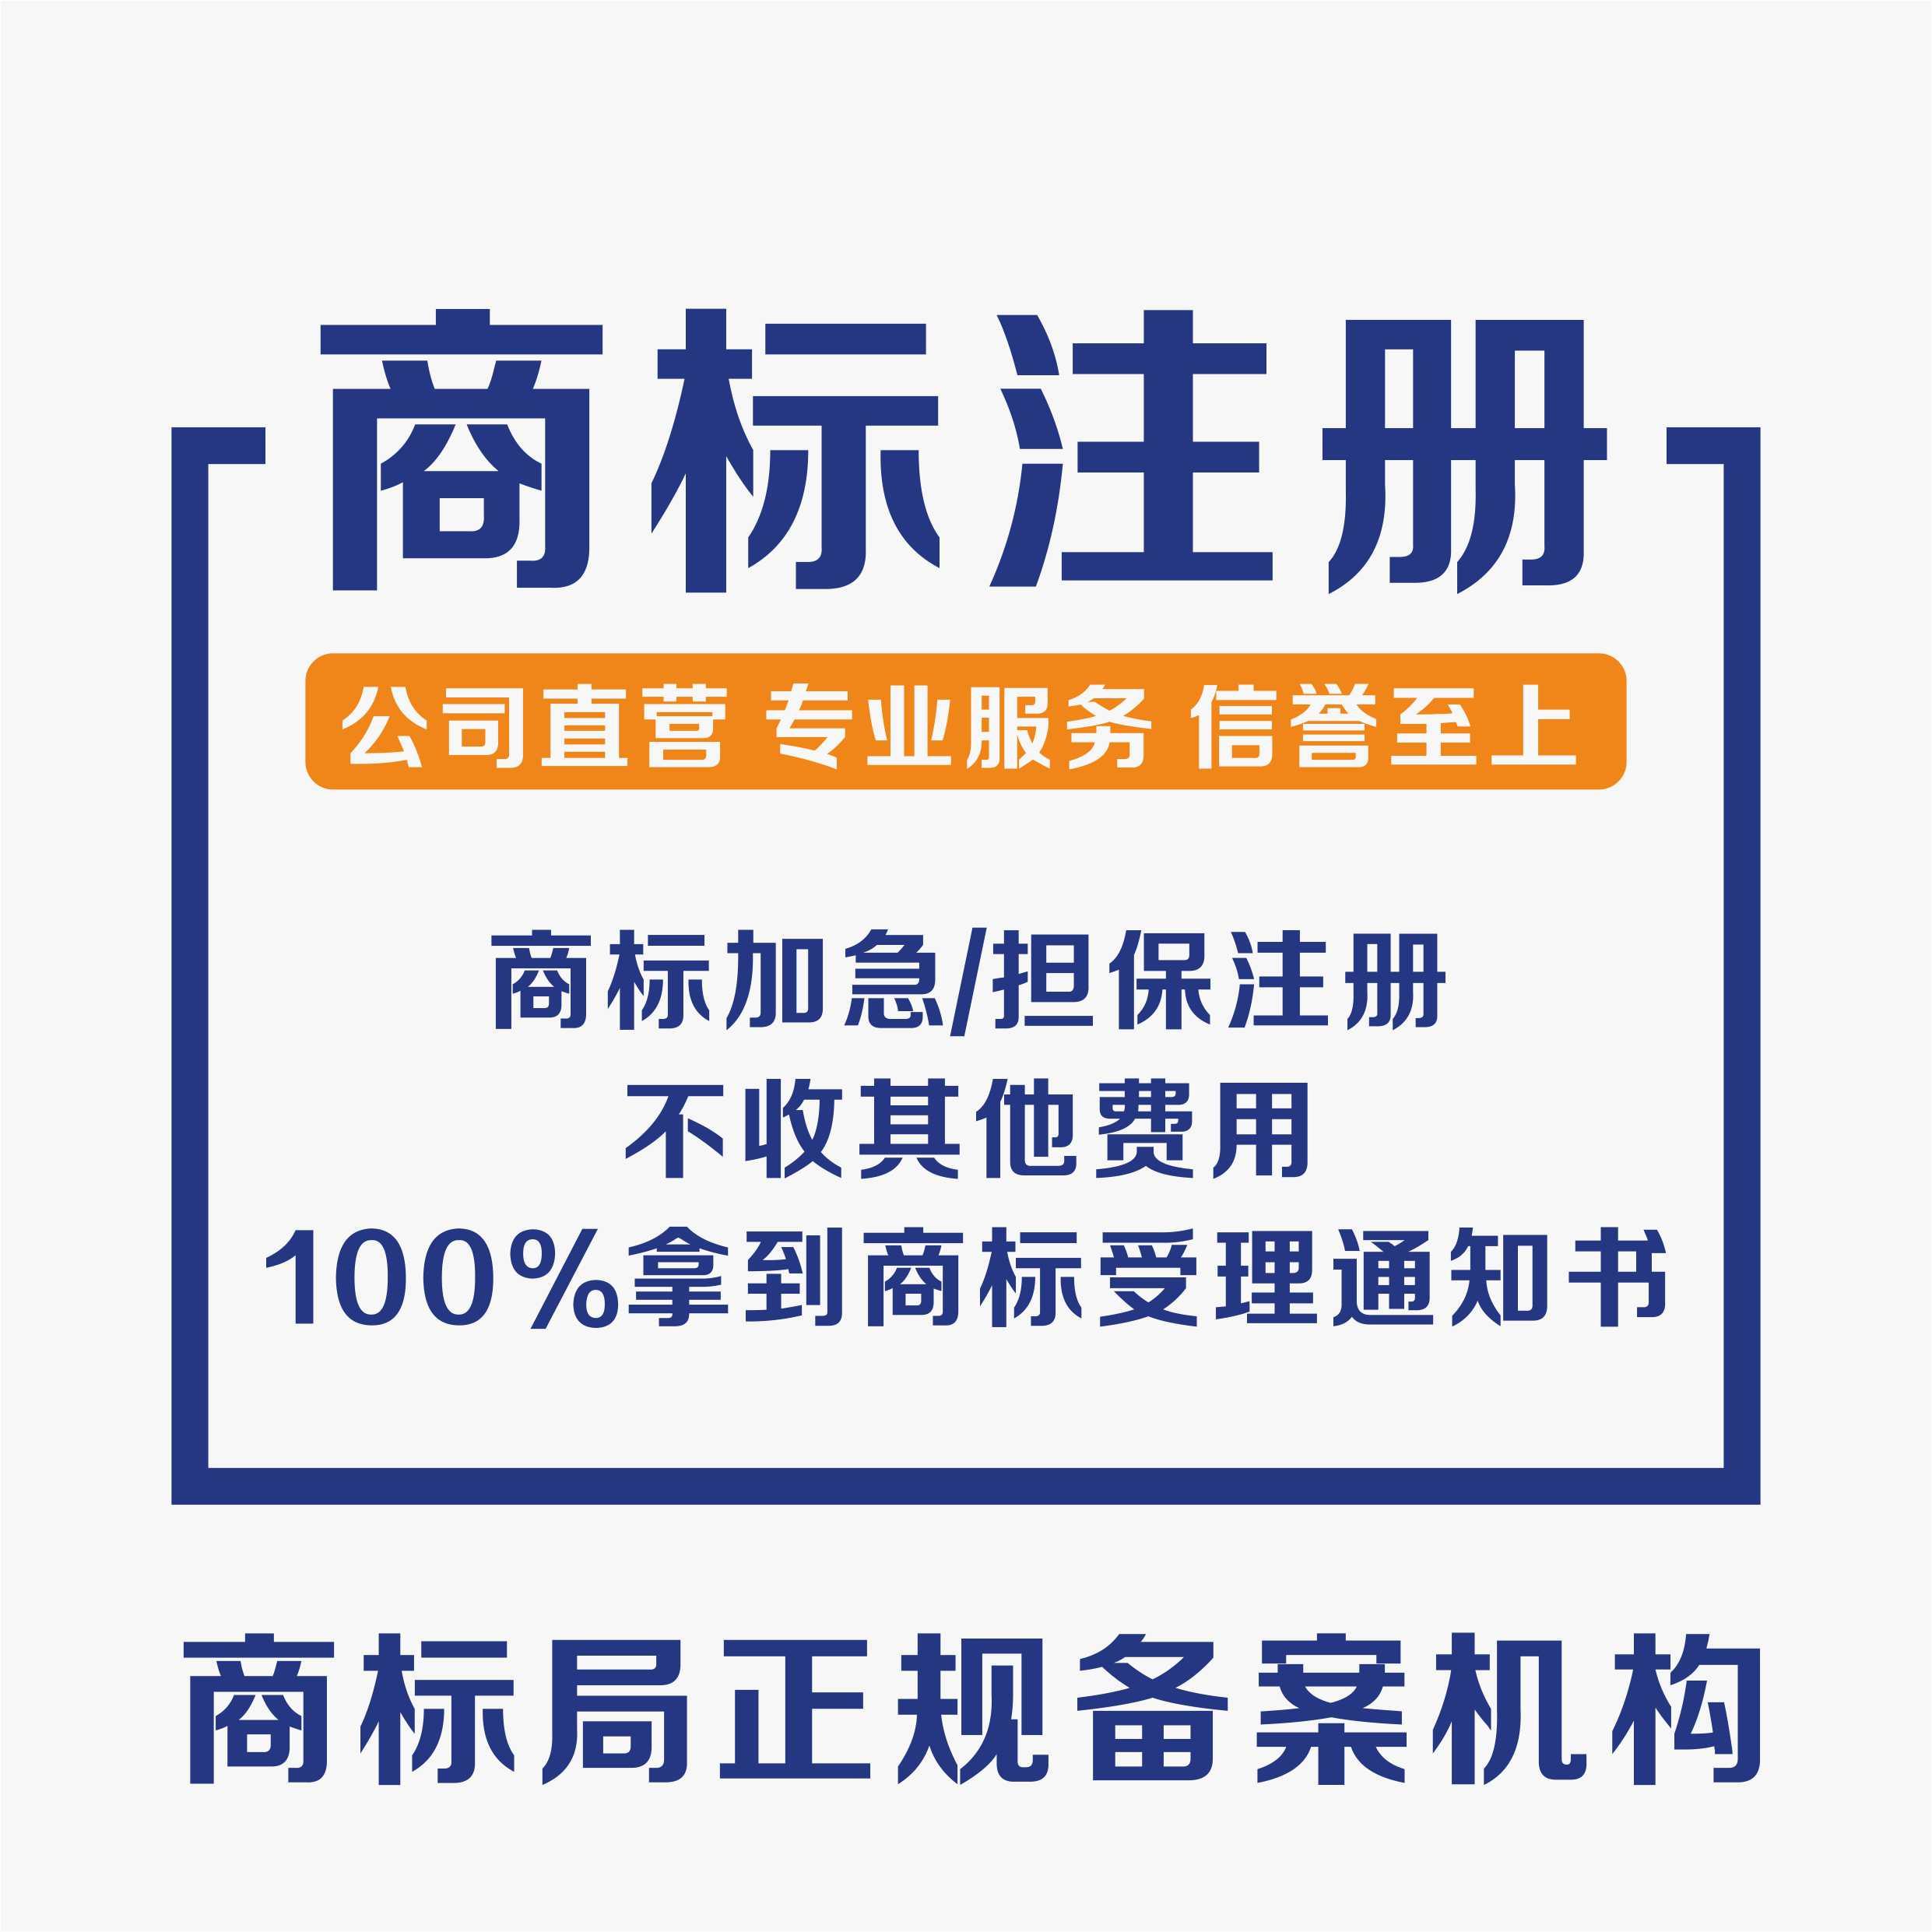 鄢陵发明专利价格